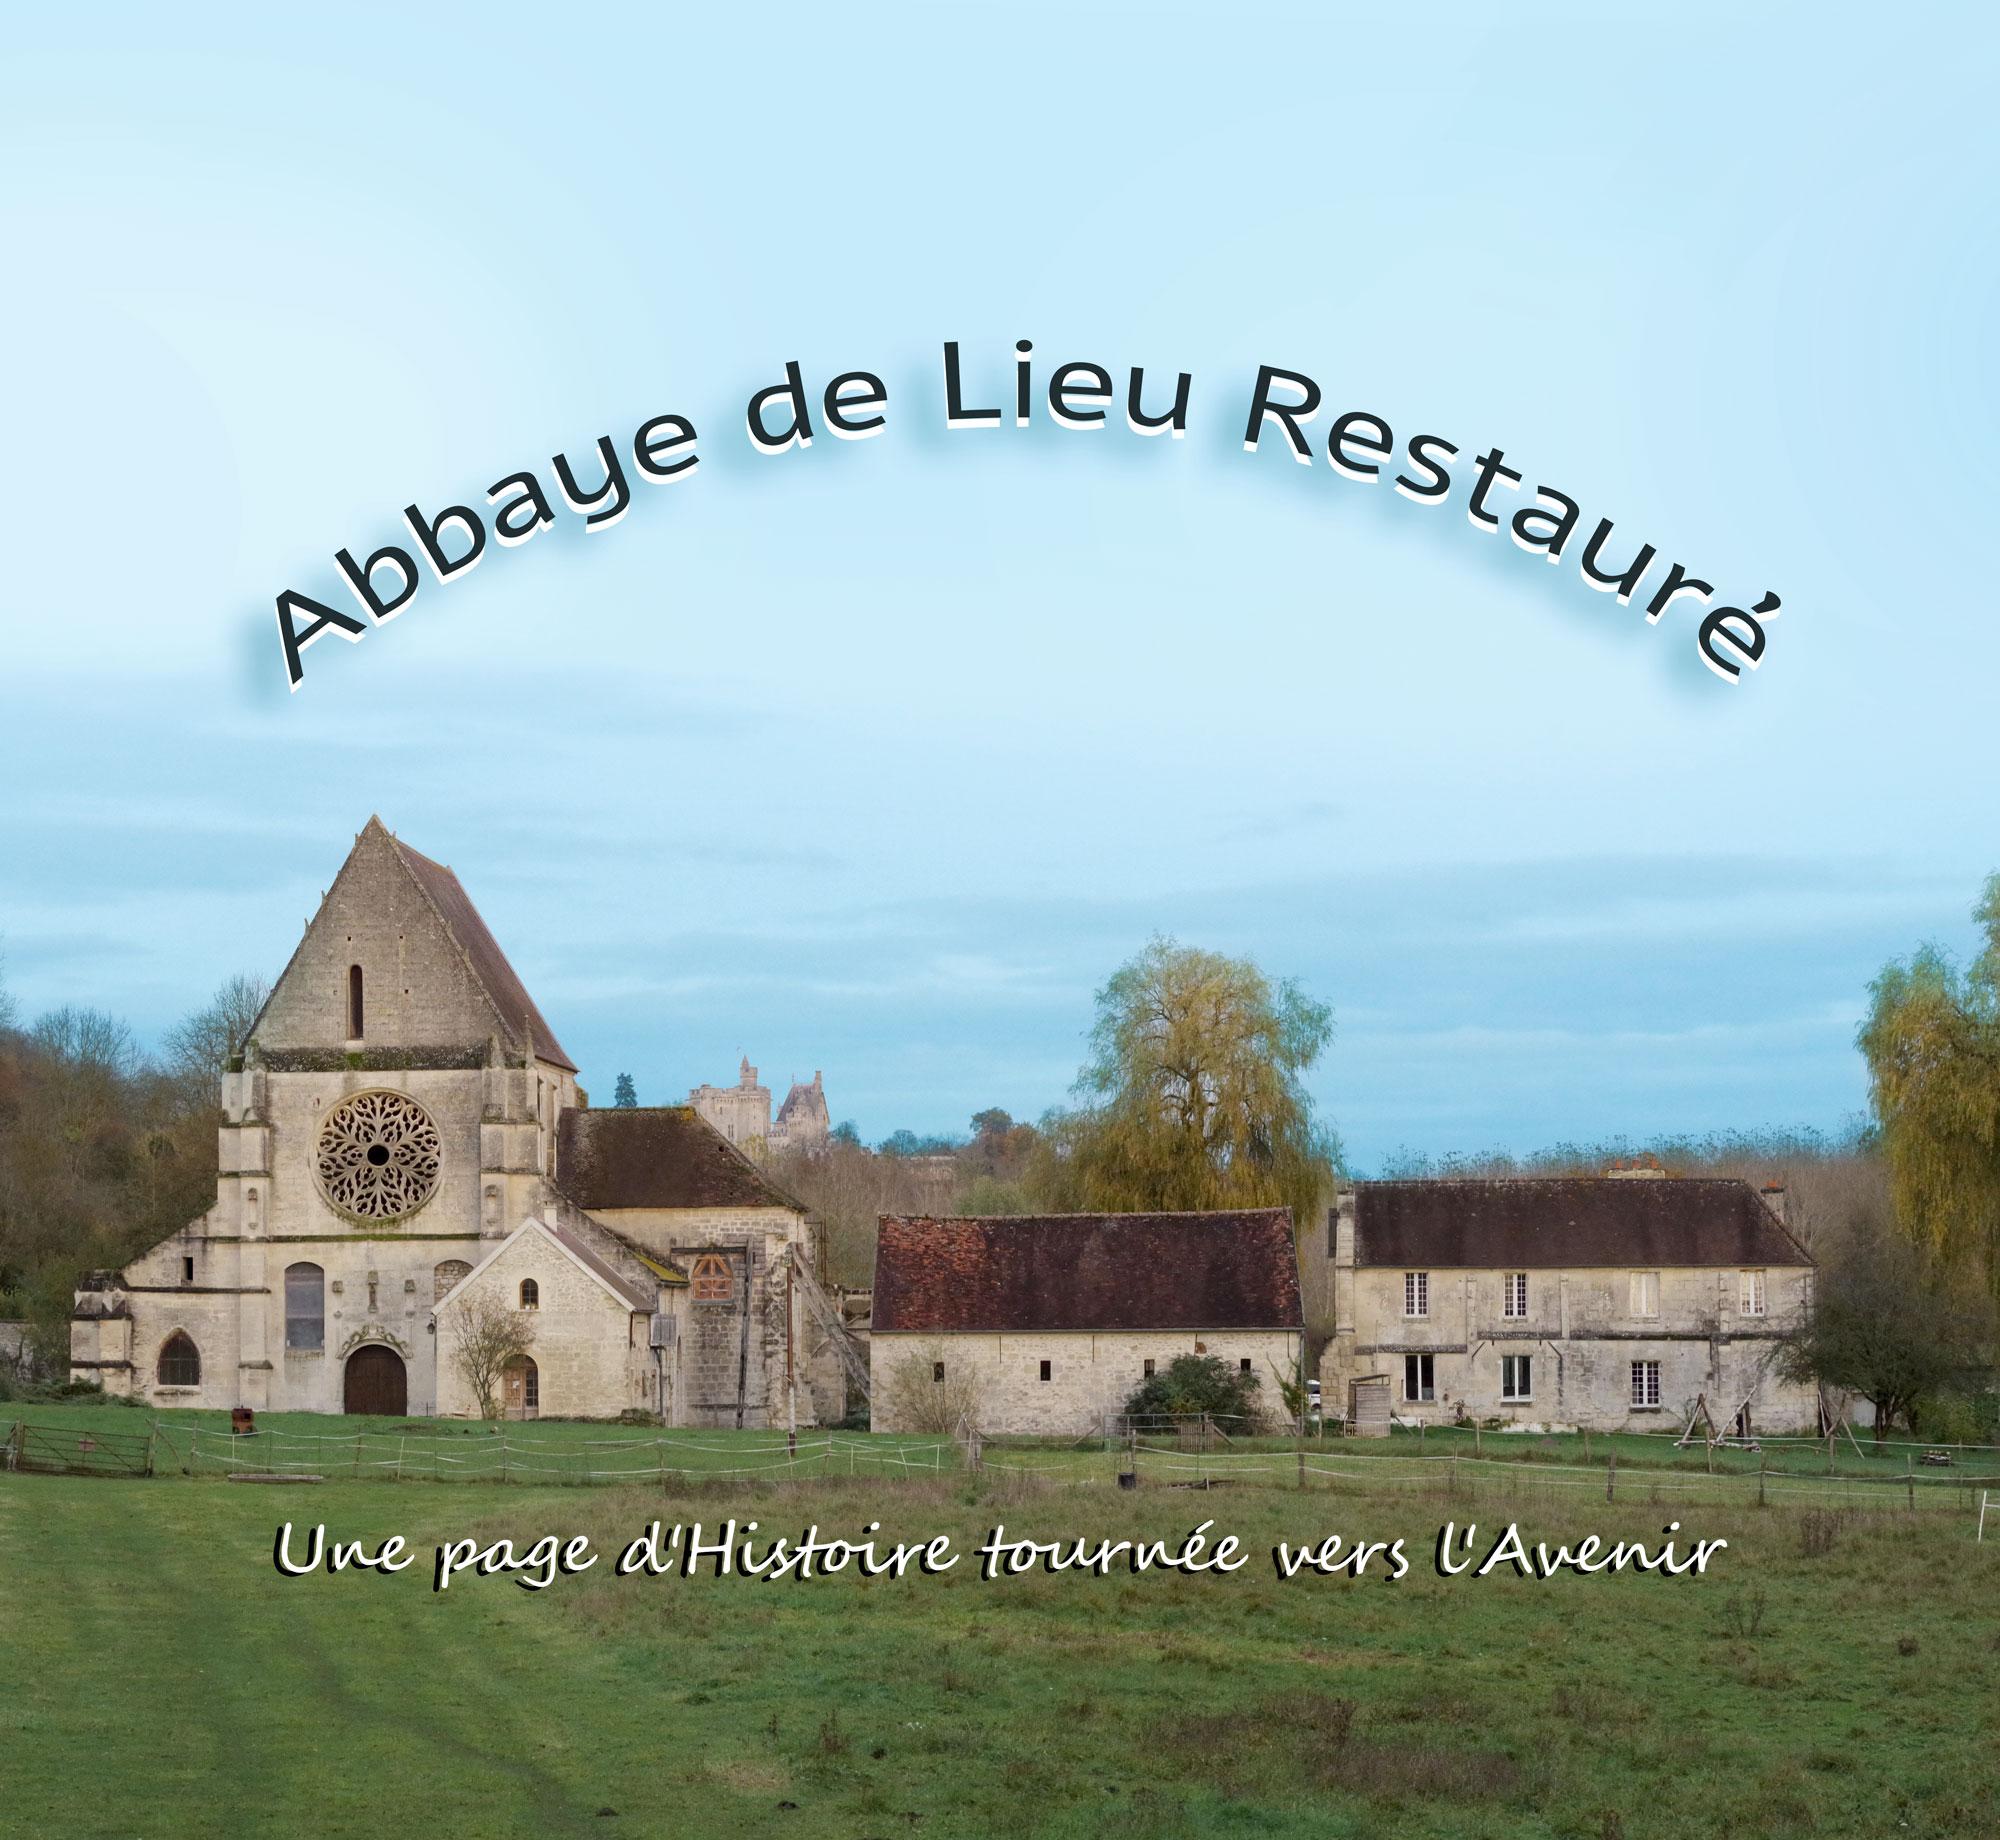 Abbaye de lieu restauré